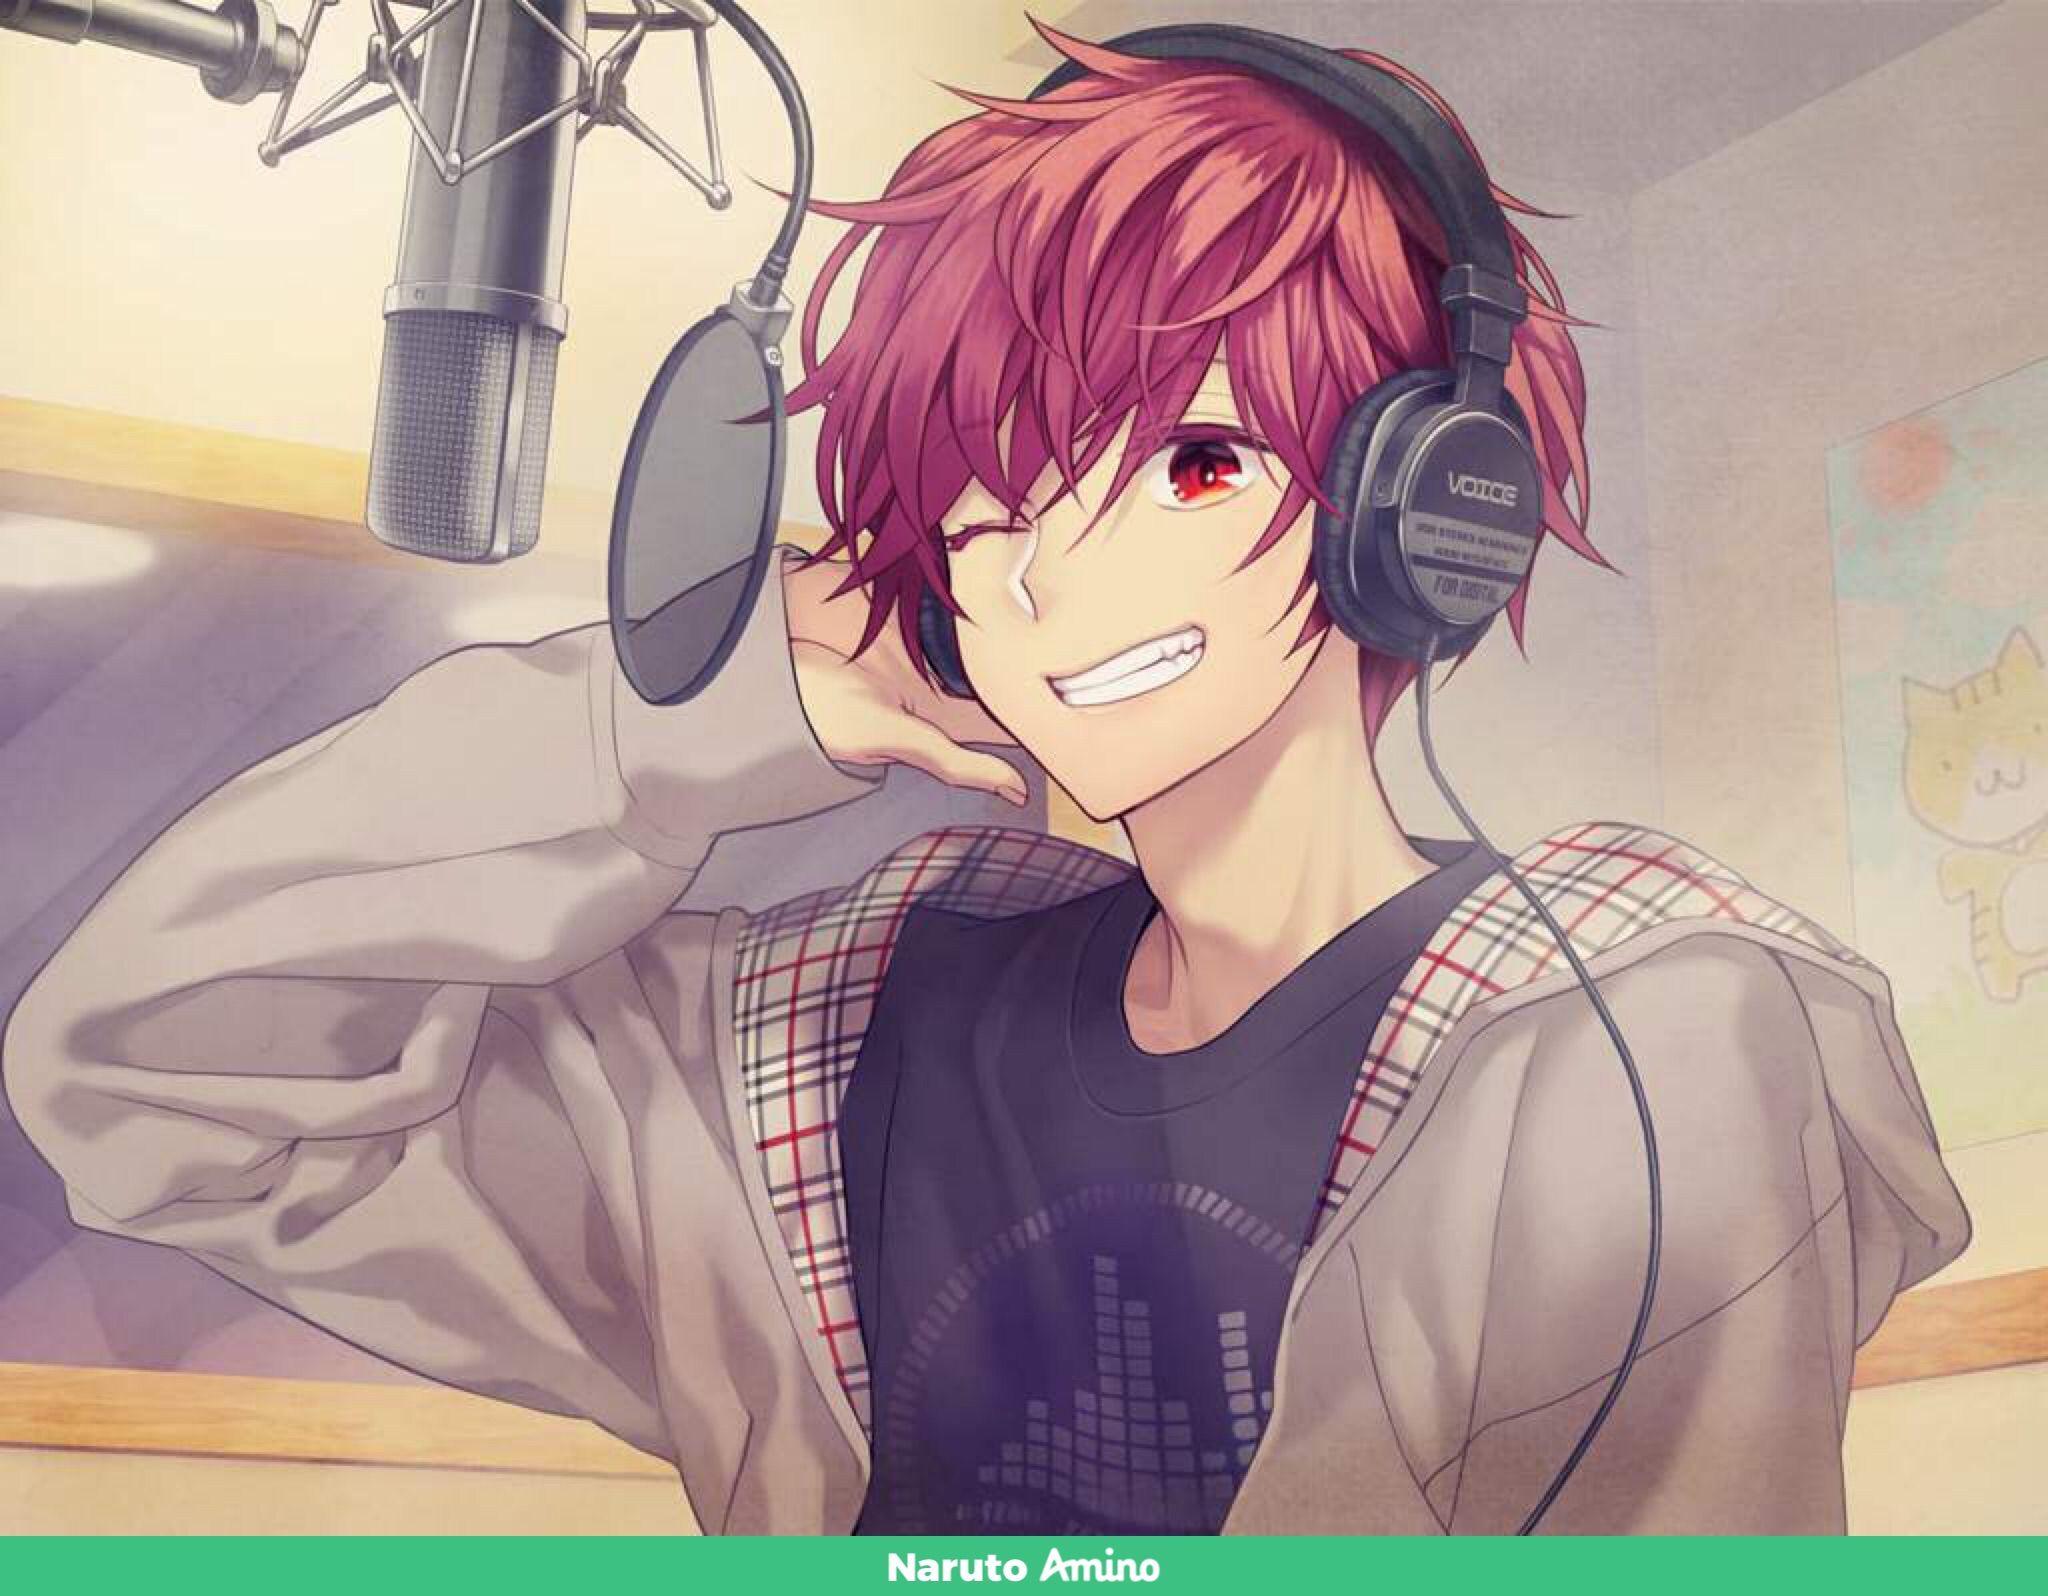 Pin By Nyrsalee Cruz On Anime 4 Life Anime Boy With Headphones Anime Boy Anime